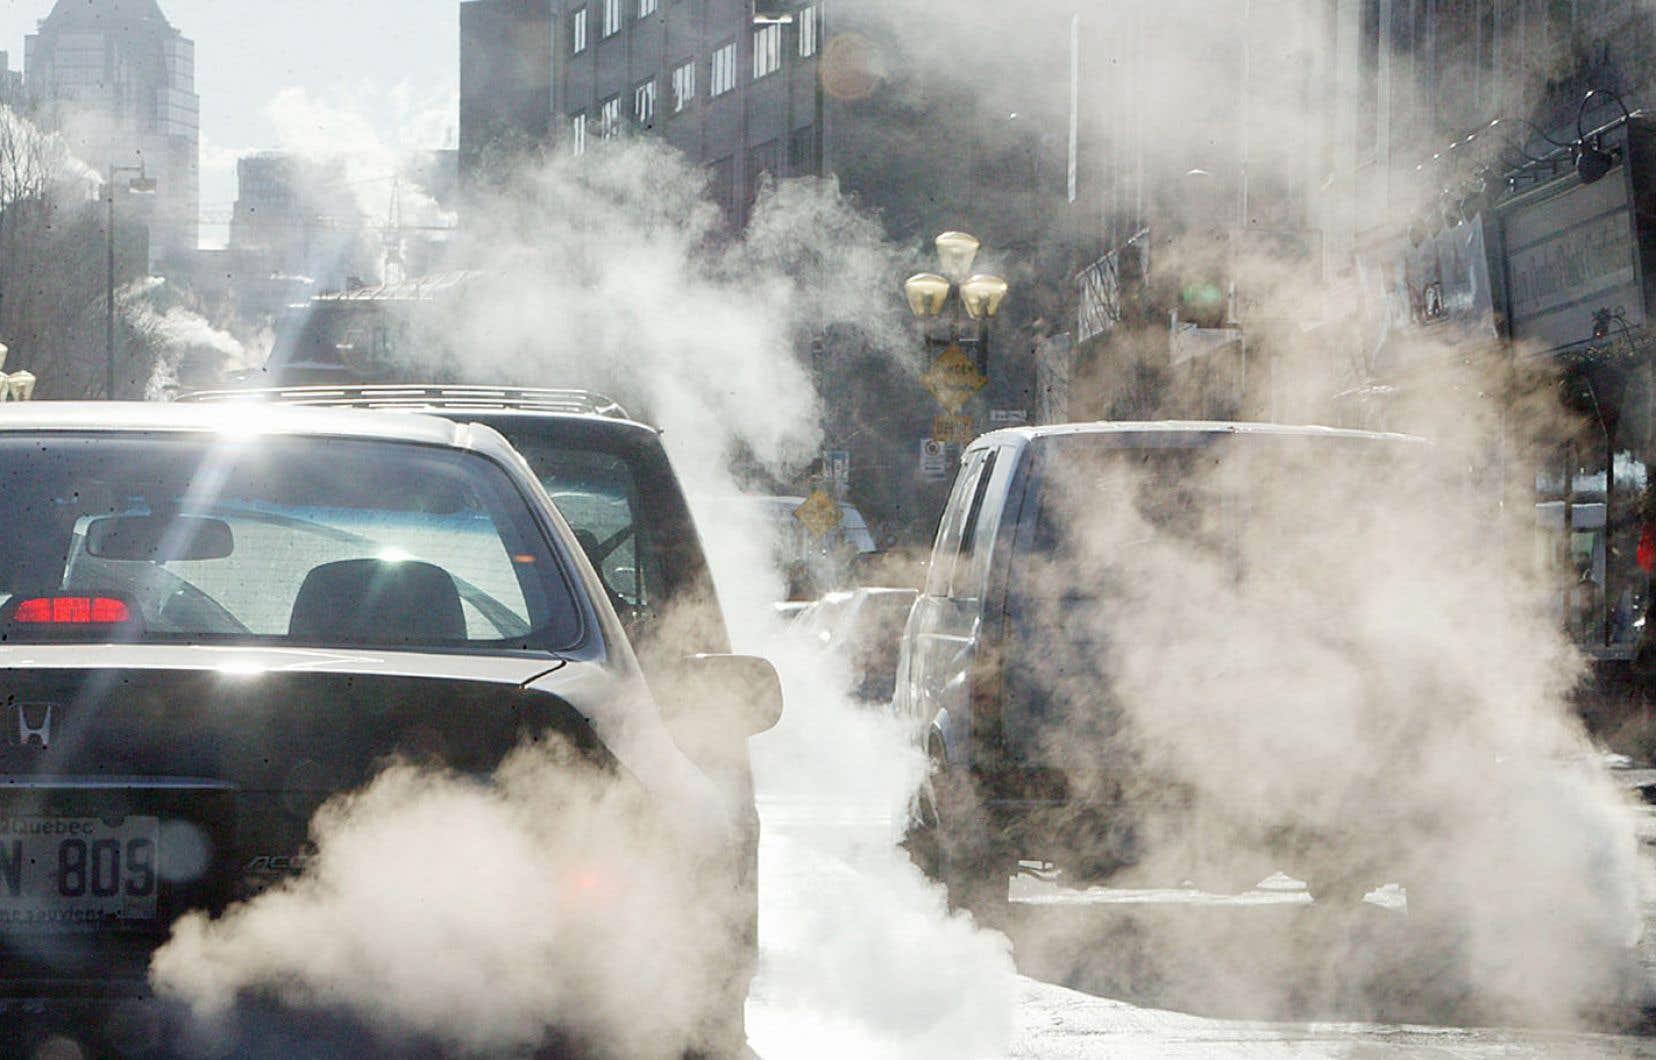 Le transport routier est responsable du tiers des émissions québécoises de gaz provoquant les changements climatiques.